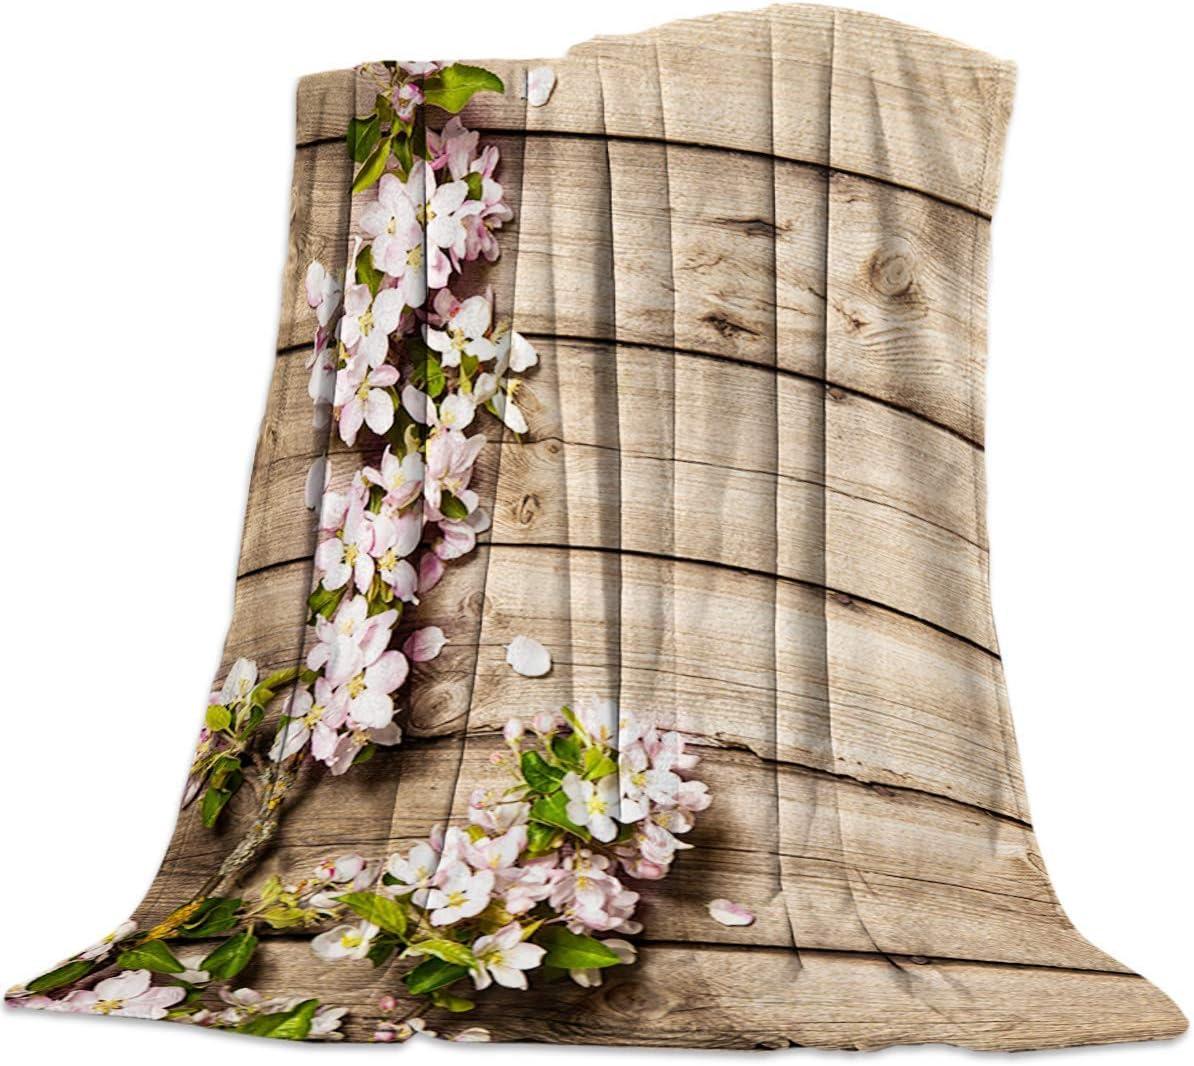 Biubiu-Shop Throw Blanket for Couch Bed Sofa Chair, Mantas Decorativas de Microfibra de Lana de Franela Decorativa, Flores de Color Rosa Retro en Tablero de Madera con Rayas Queen Size 60 '' x 80 ''